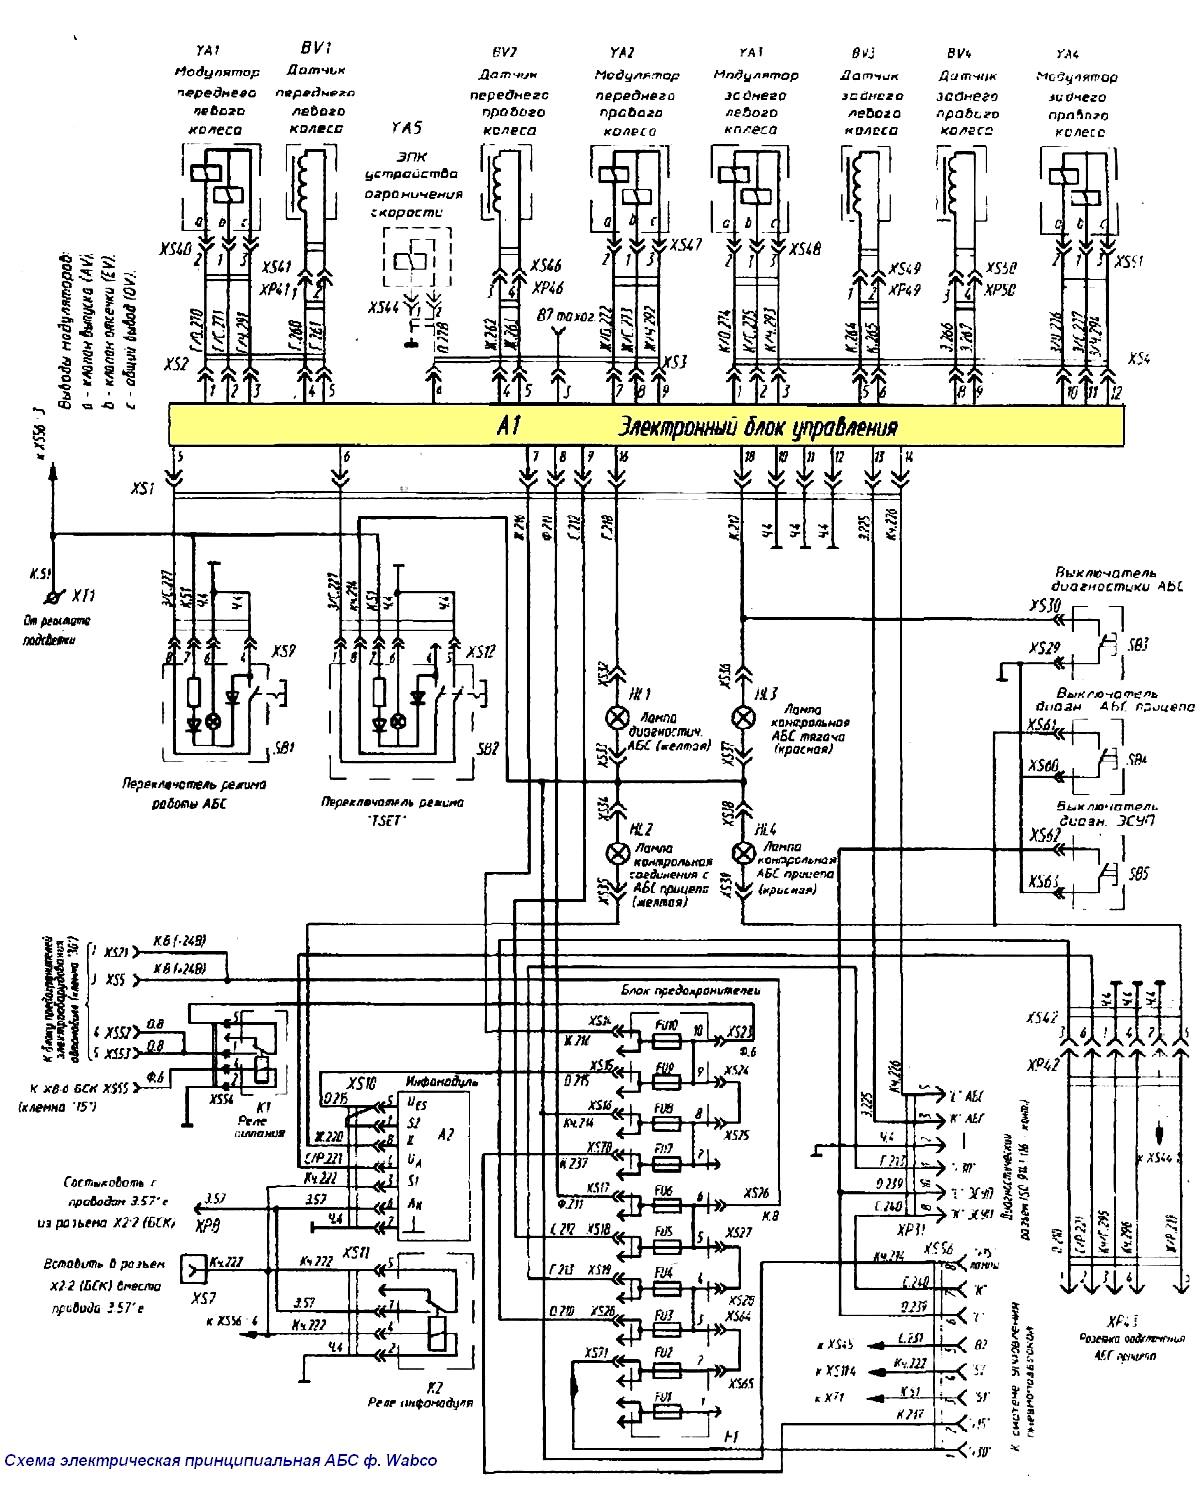 Схема проводки маз 6433а5-320 цветная Вязание с бисером сумочек крючком и на спицах biser